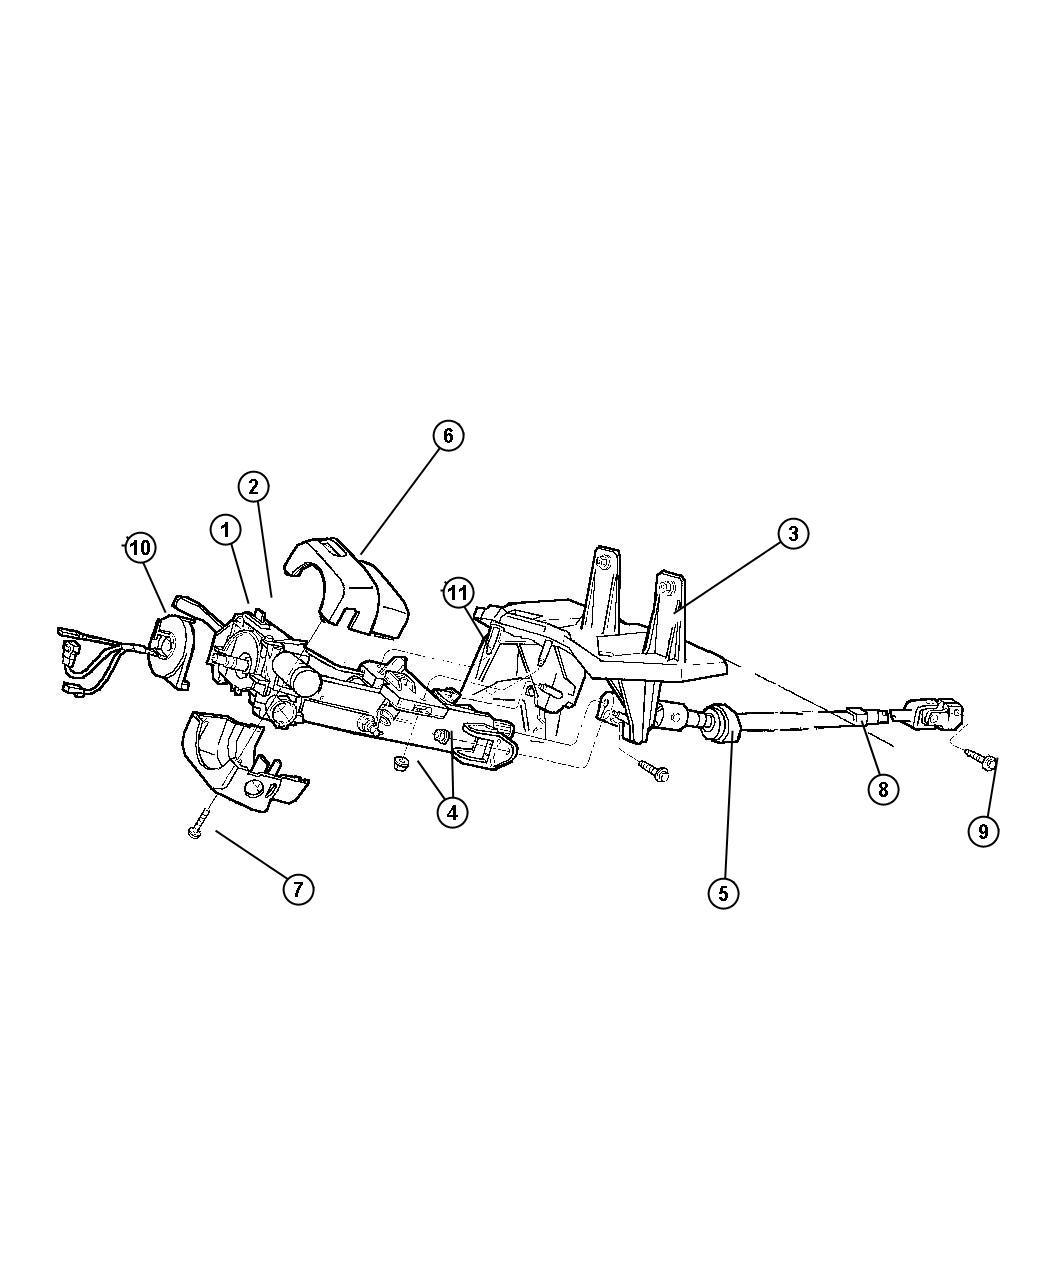 Diagram Jeep Cherokee Steering Diagram Full Version Hd